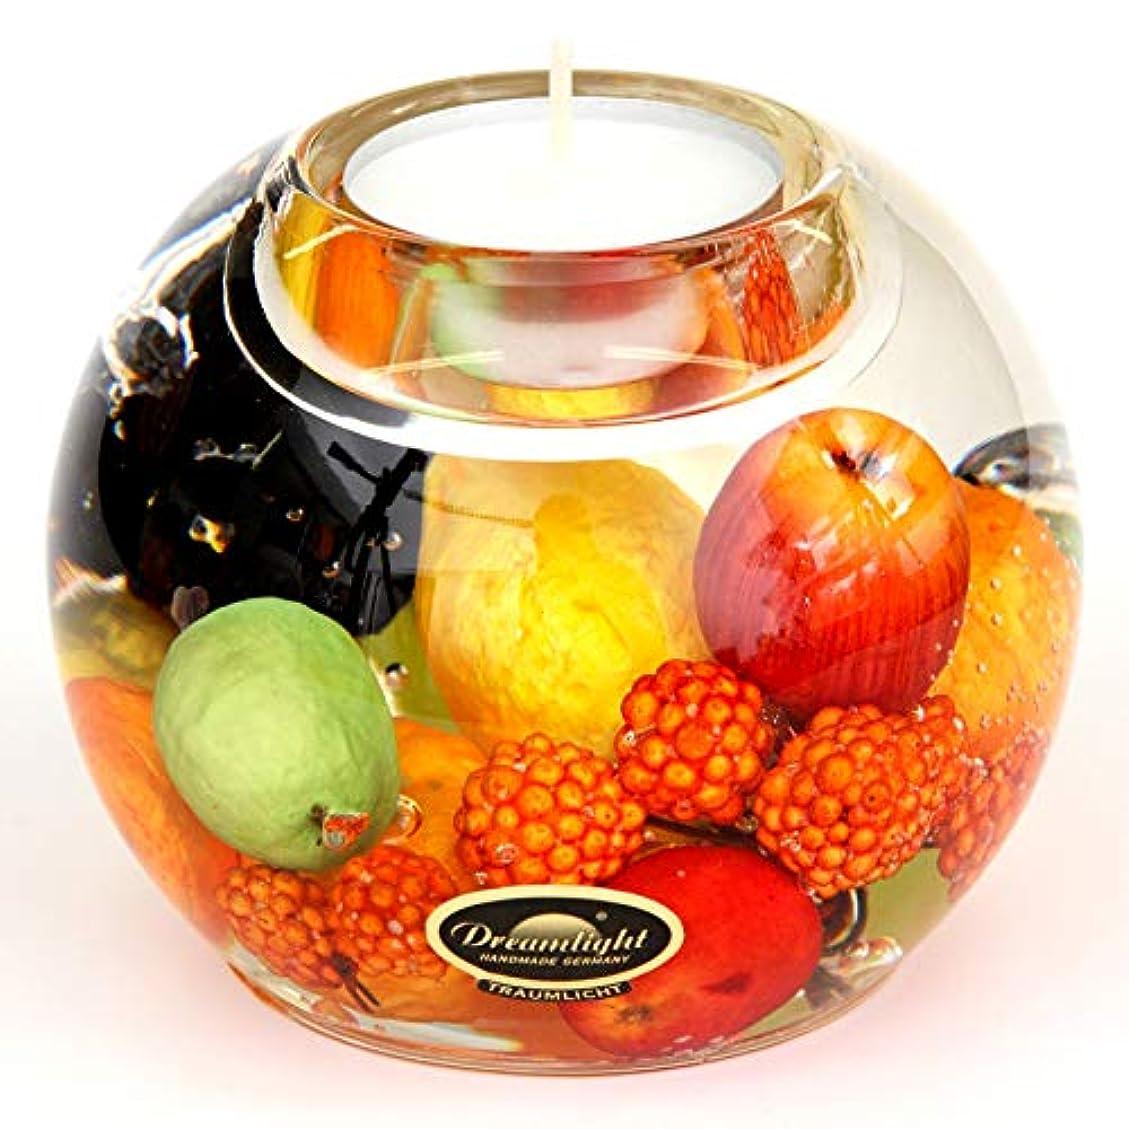 抑制する織機ダースドリームライト マーキュリー ハッピーフルーツ キャンドルホルダー ガラス キャンドルスタンド